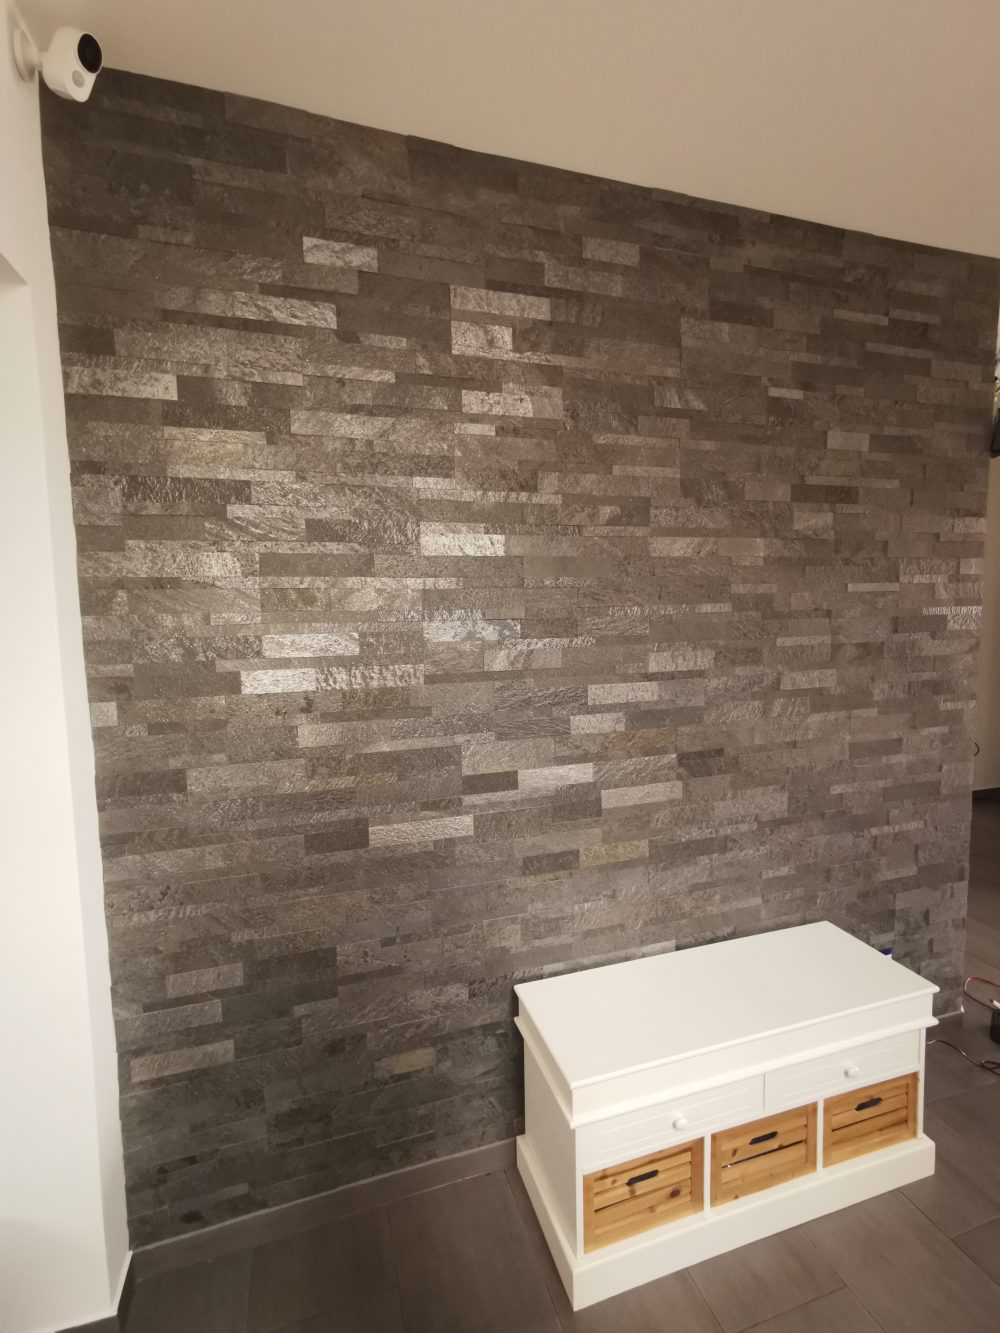 Schieferfurnier Dünnschiefer Naturstein Wandverkleidung Steinplatten 3D Paneele Wandsteine selbstklebend anthrazit grau schwarz